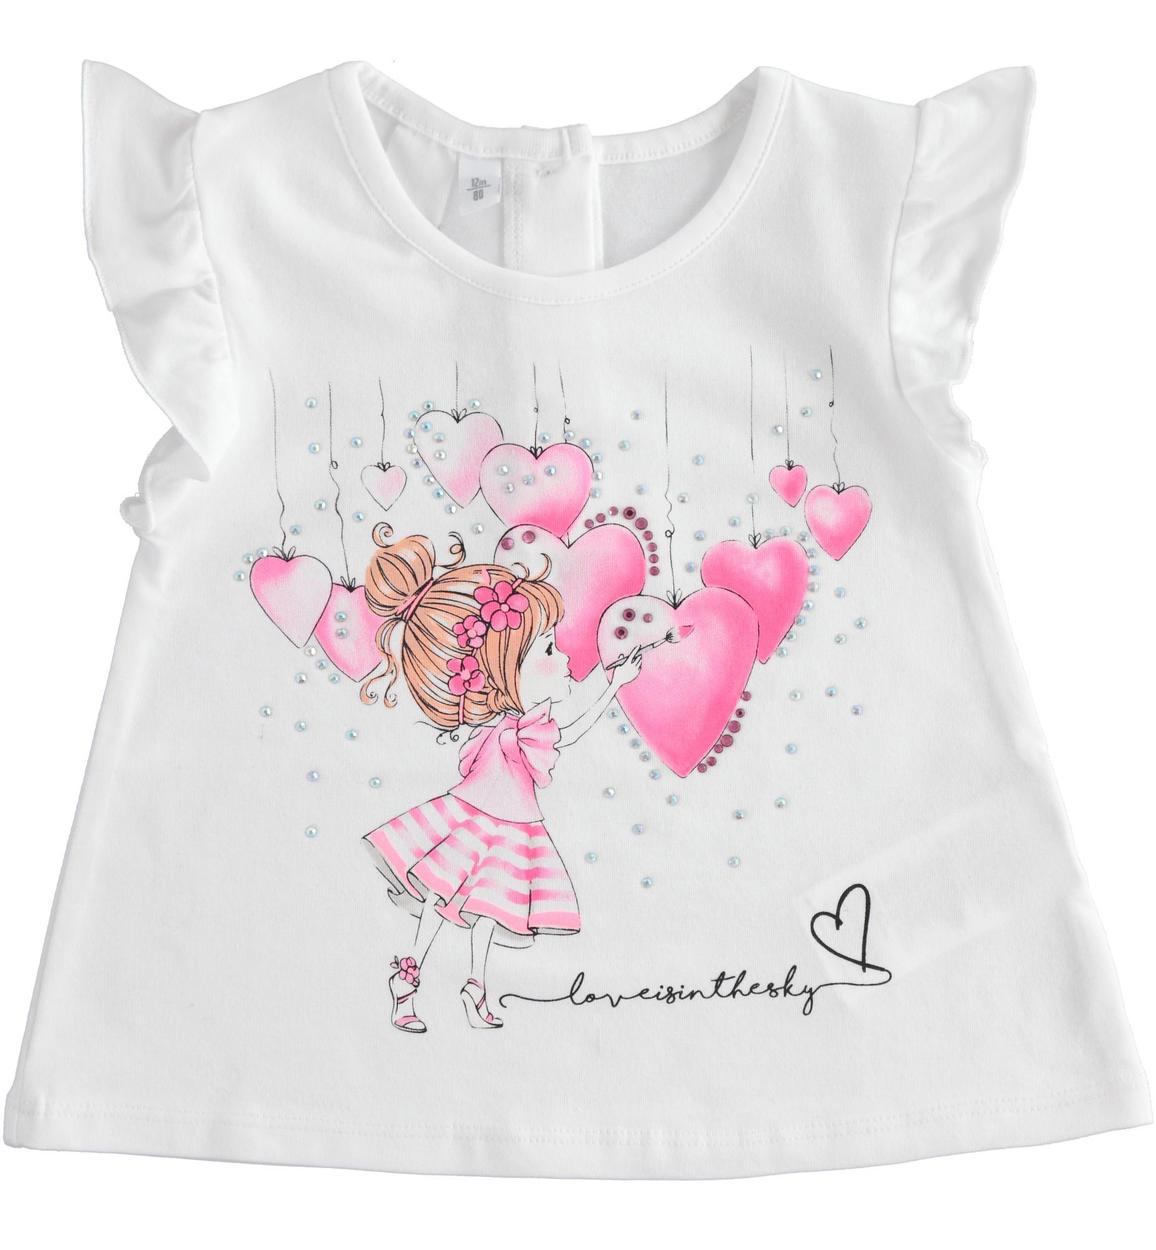 kislány póló fehér rózsaszín szivekkel